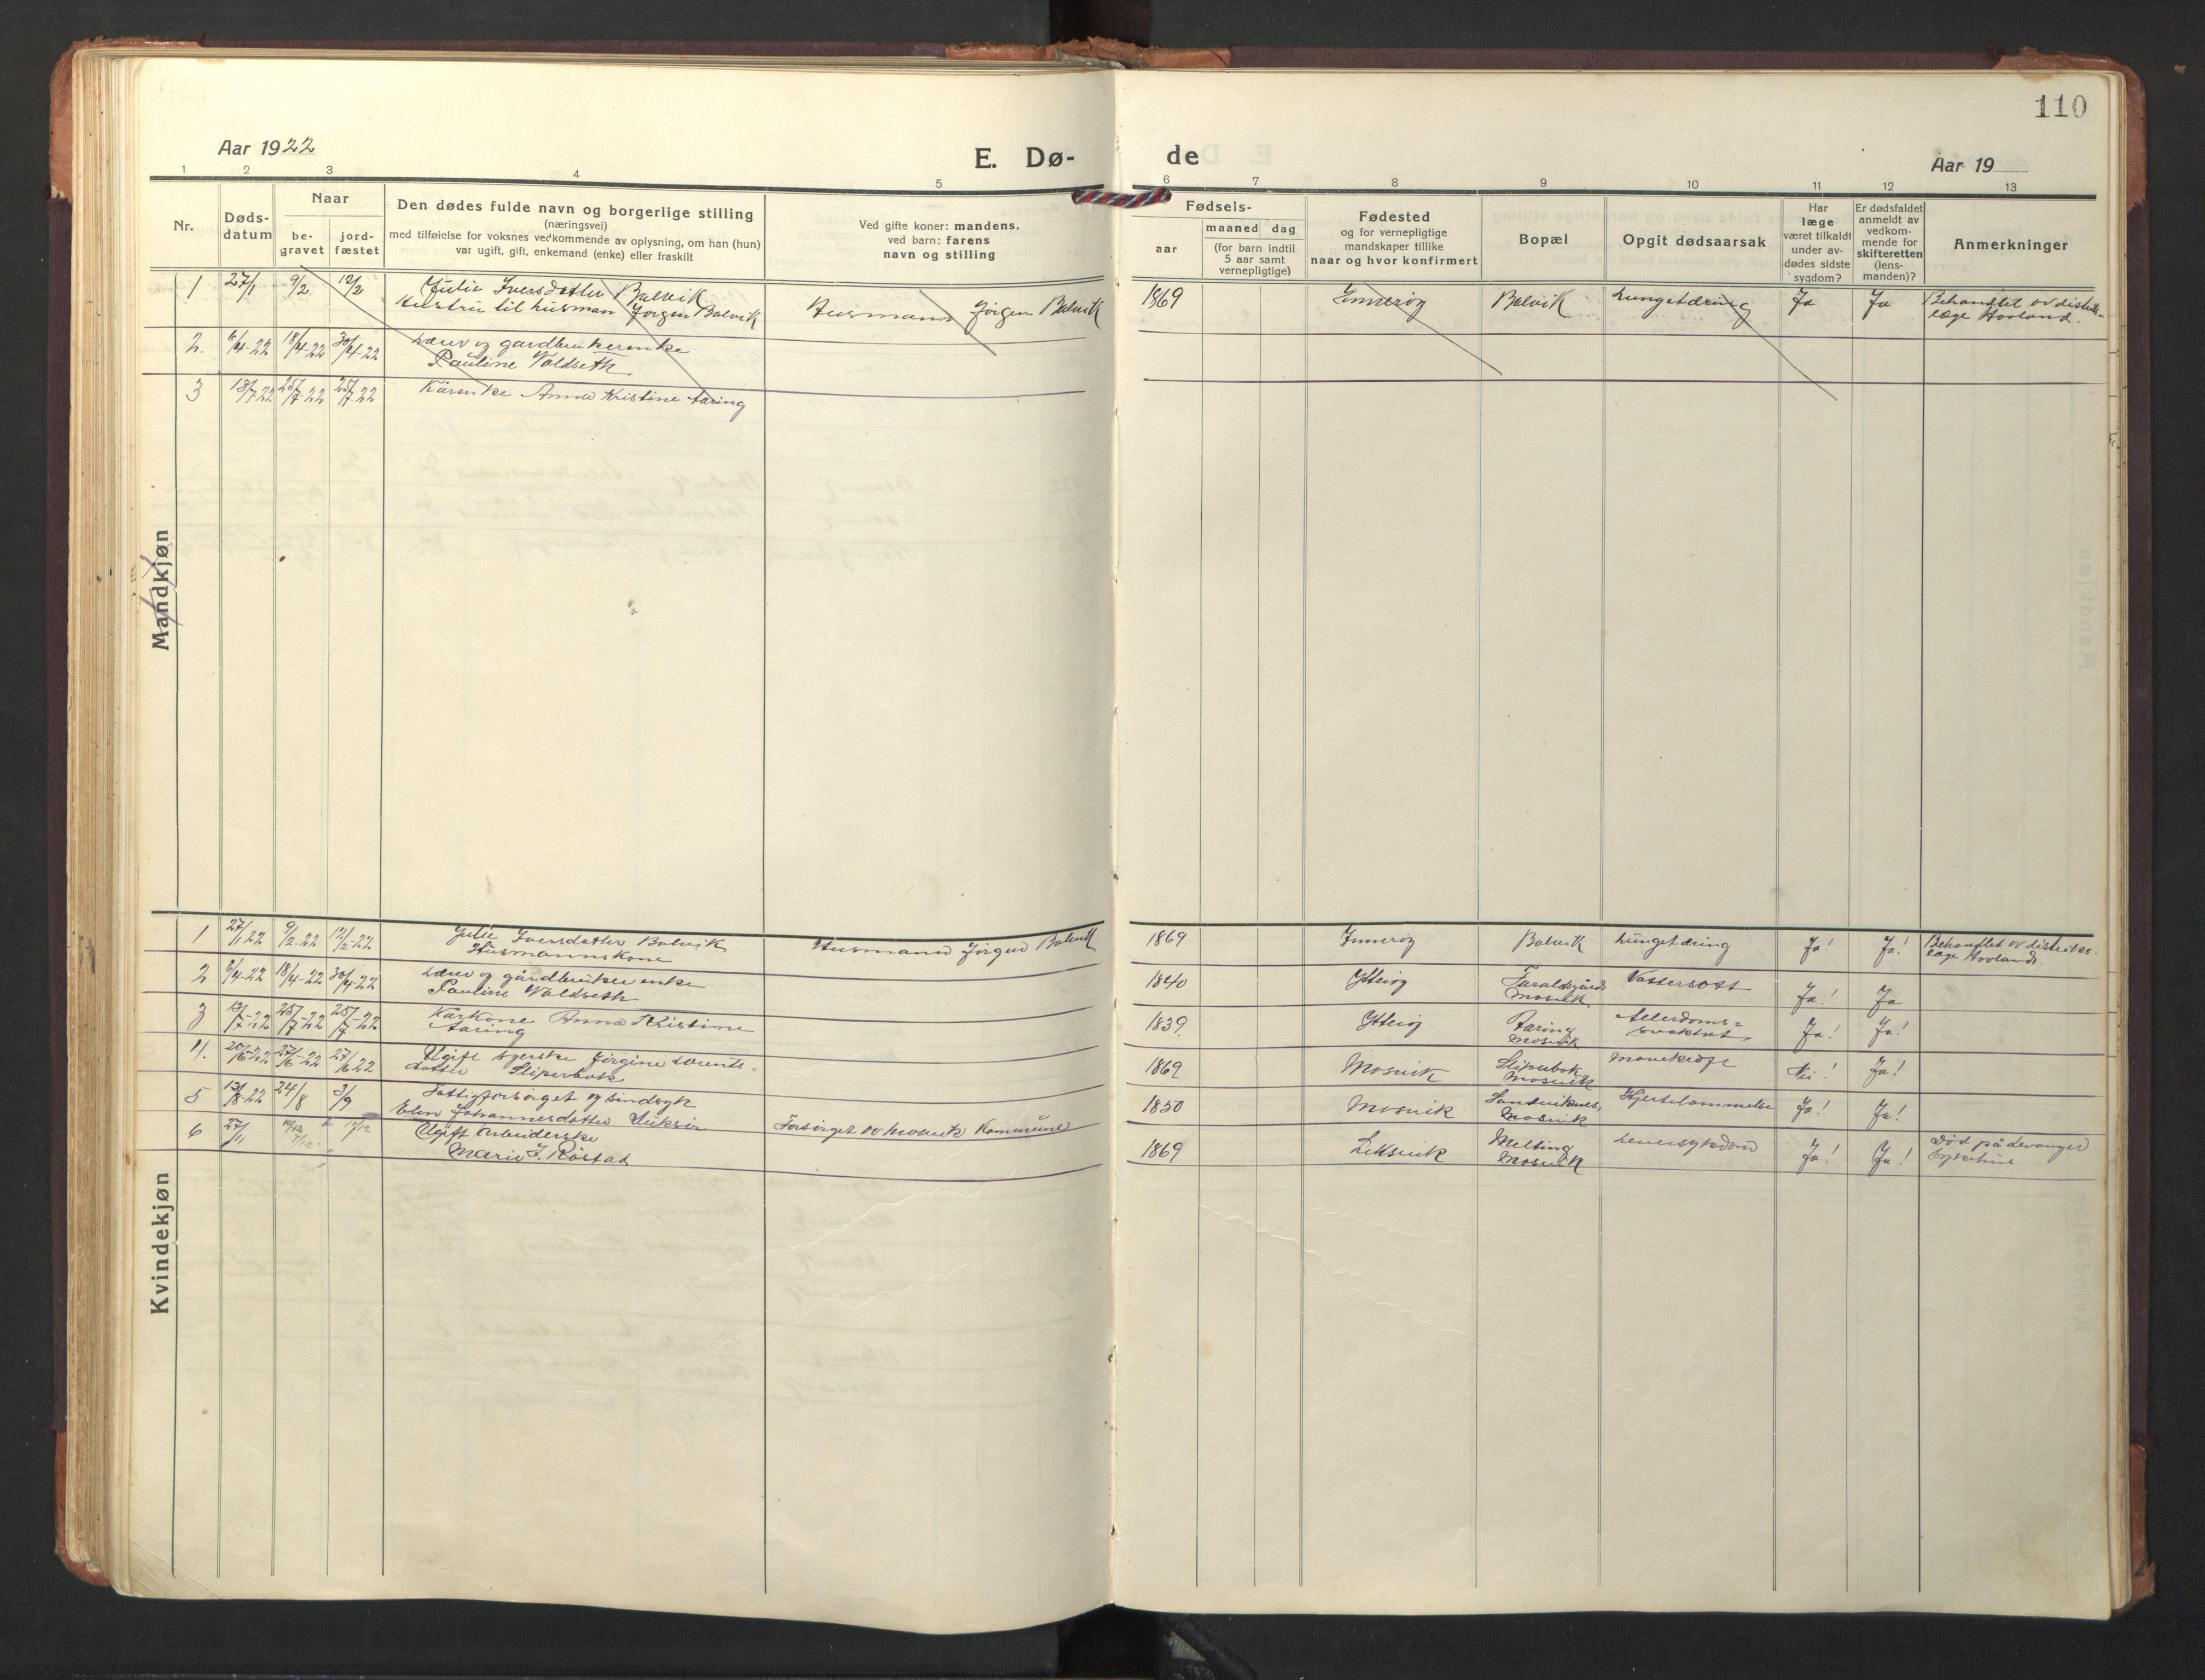 SAT, Ministerialprotokoller, klokkerbøker og fødselsregistre - Nord-Trøndelag, 733/L0328: Klokkerbok nr. 733C03, 1919-1966, s. 110